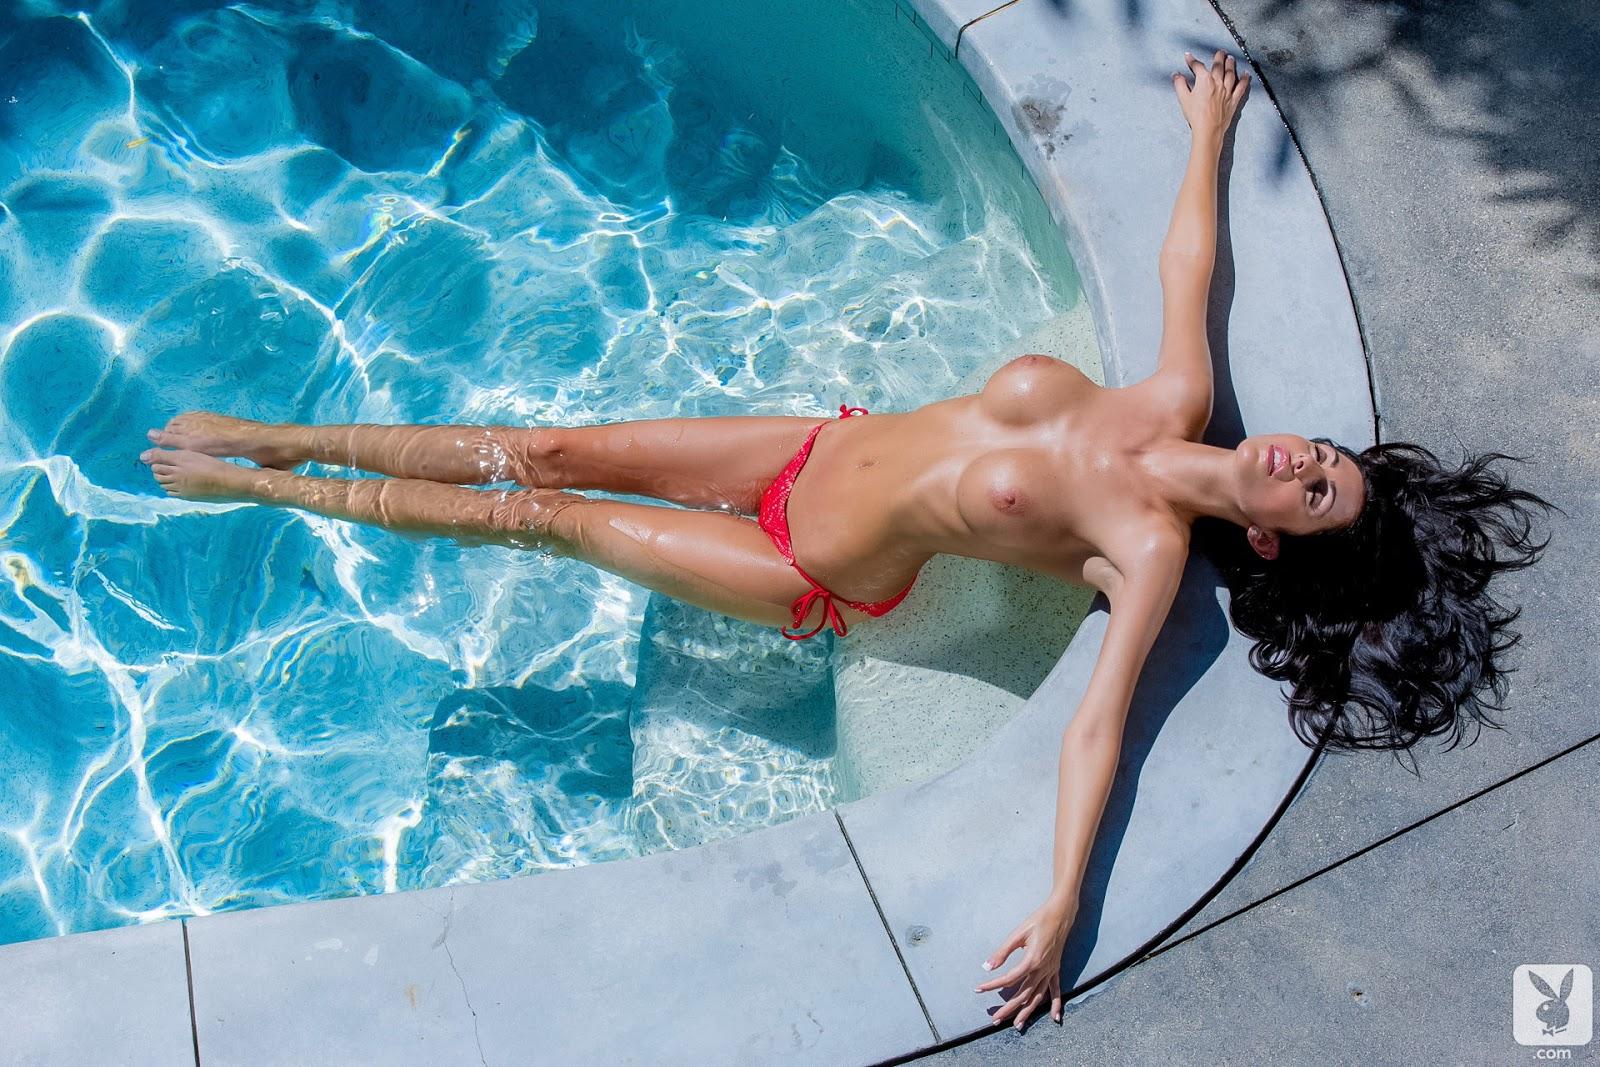 prodavshitsa-soblaznila-fotka-topless-v-basseyne-film-poshedshaya-rukam